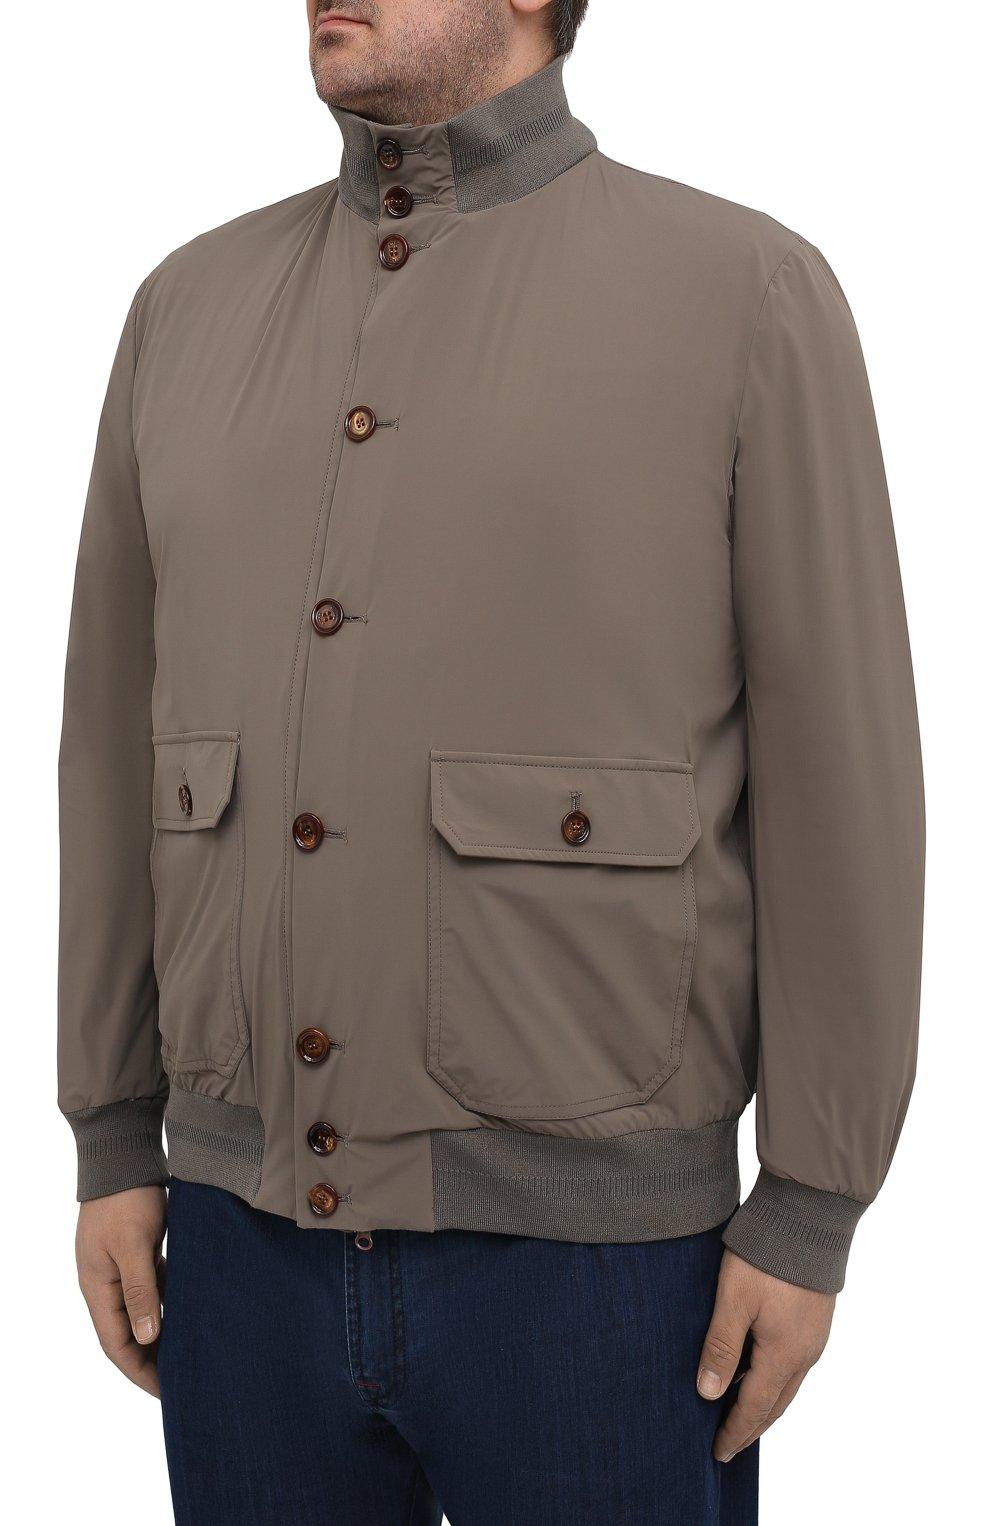 Мужской бомбер KIRED хаки цвета, арт. WSERGI0W6905011001/64-74 | Фото 3 (Кросс-КТ: Куртка; Big sizes: Big Sizes; Рукава: Длинные; Принт: Без принта; Материал внешний: Синтетический материал; Длина (верхняя одежда): Короткие; Стили: Кэжуэл)